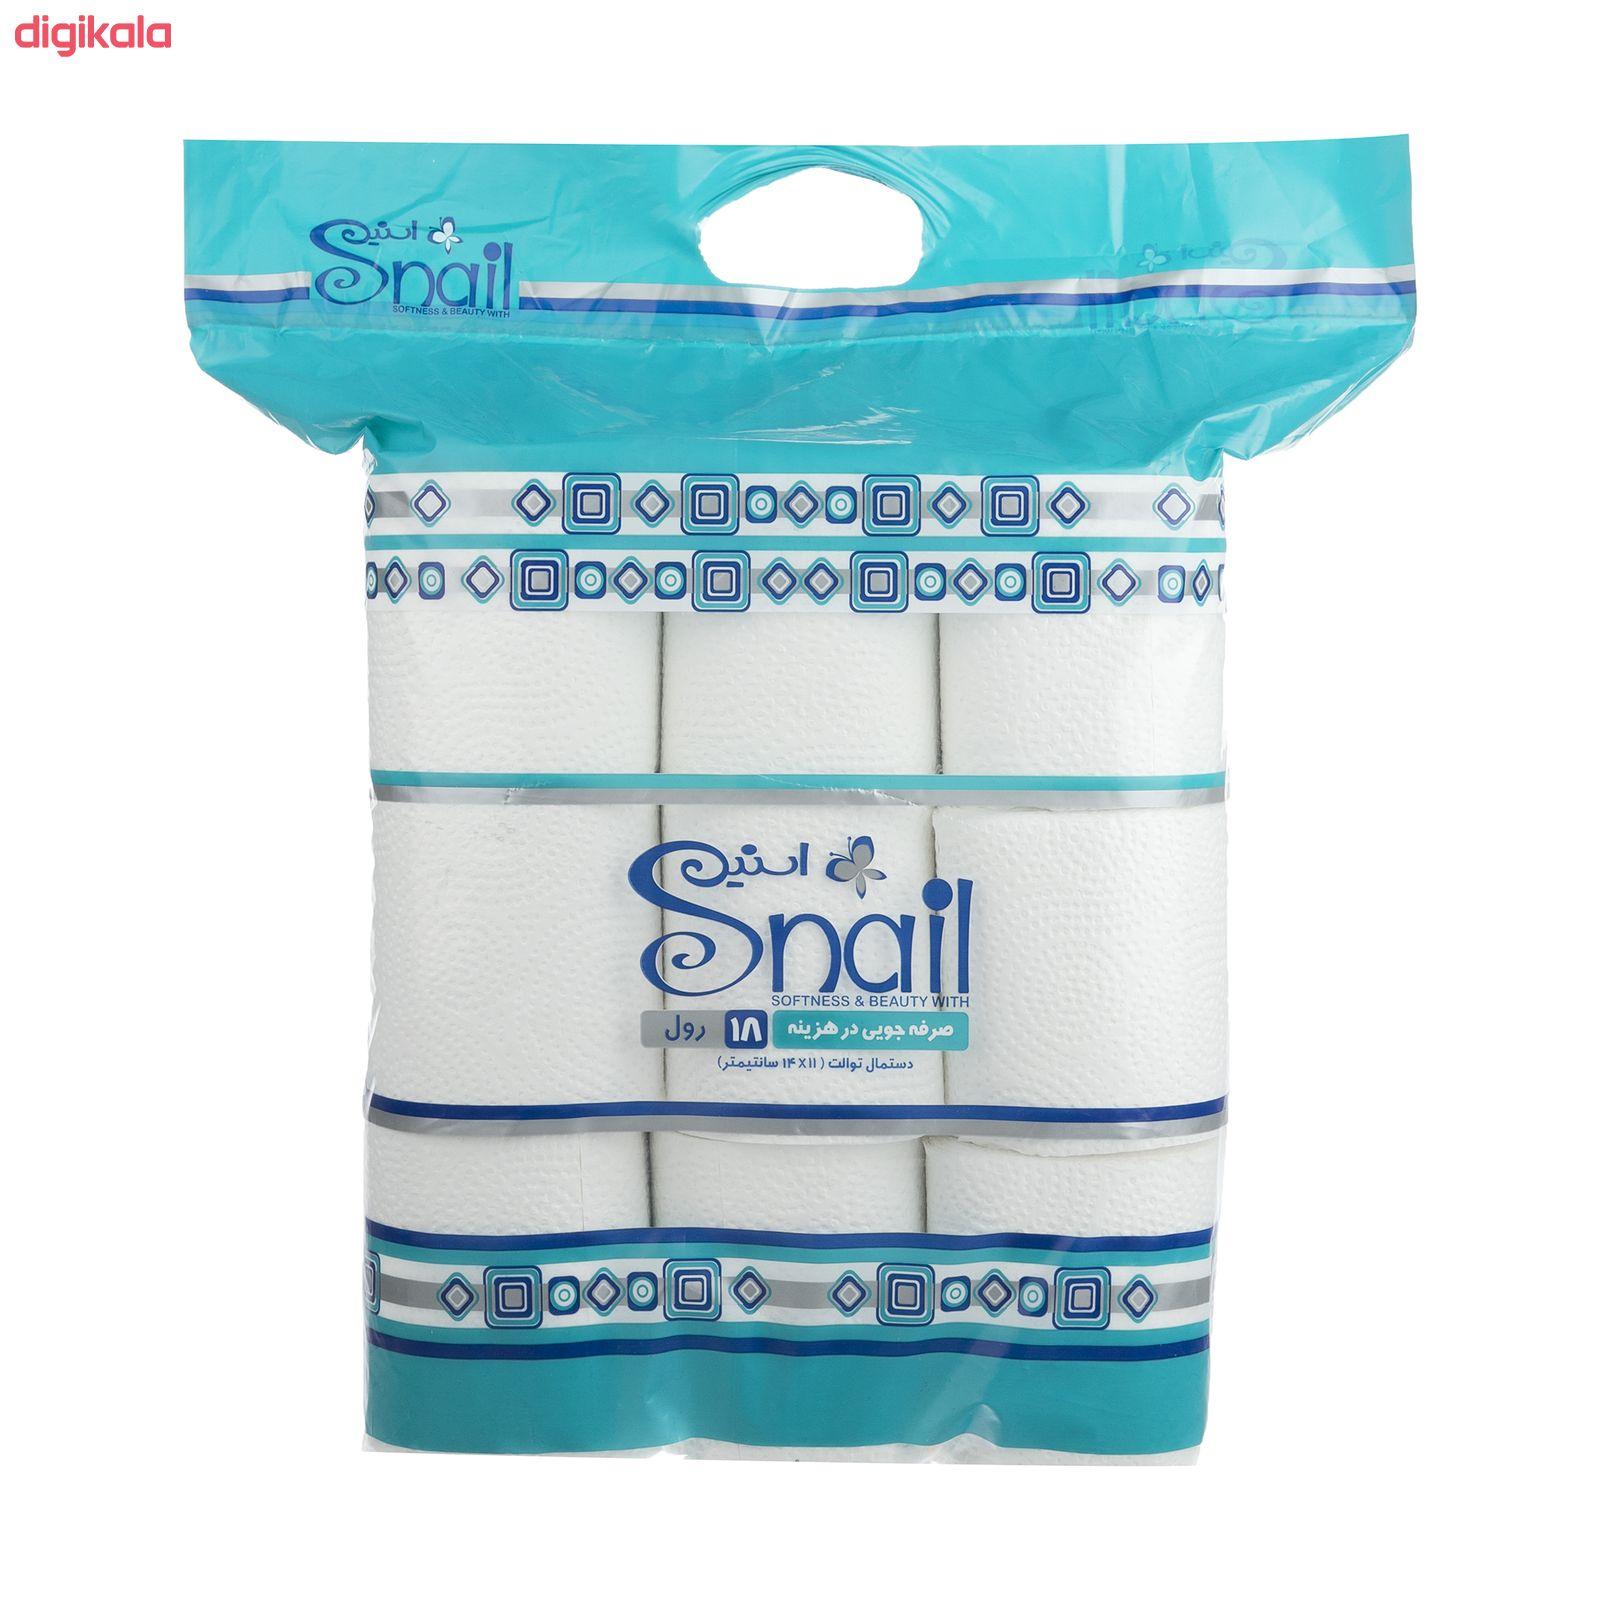 دستمال توالت اسنیل کد 01 بسته 18 عددی main 1 3